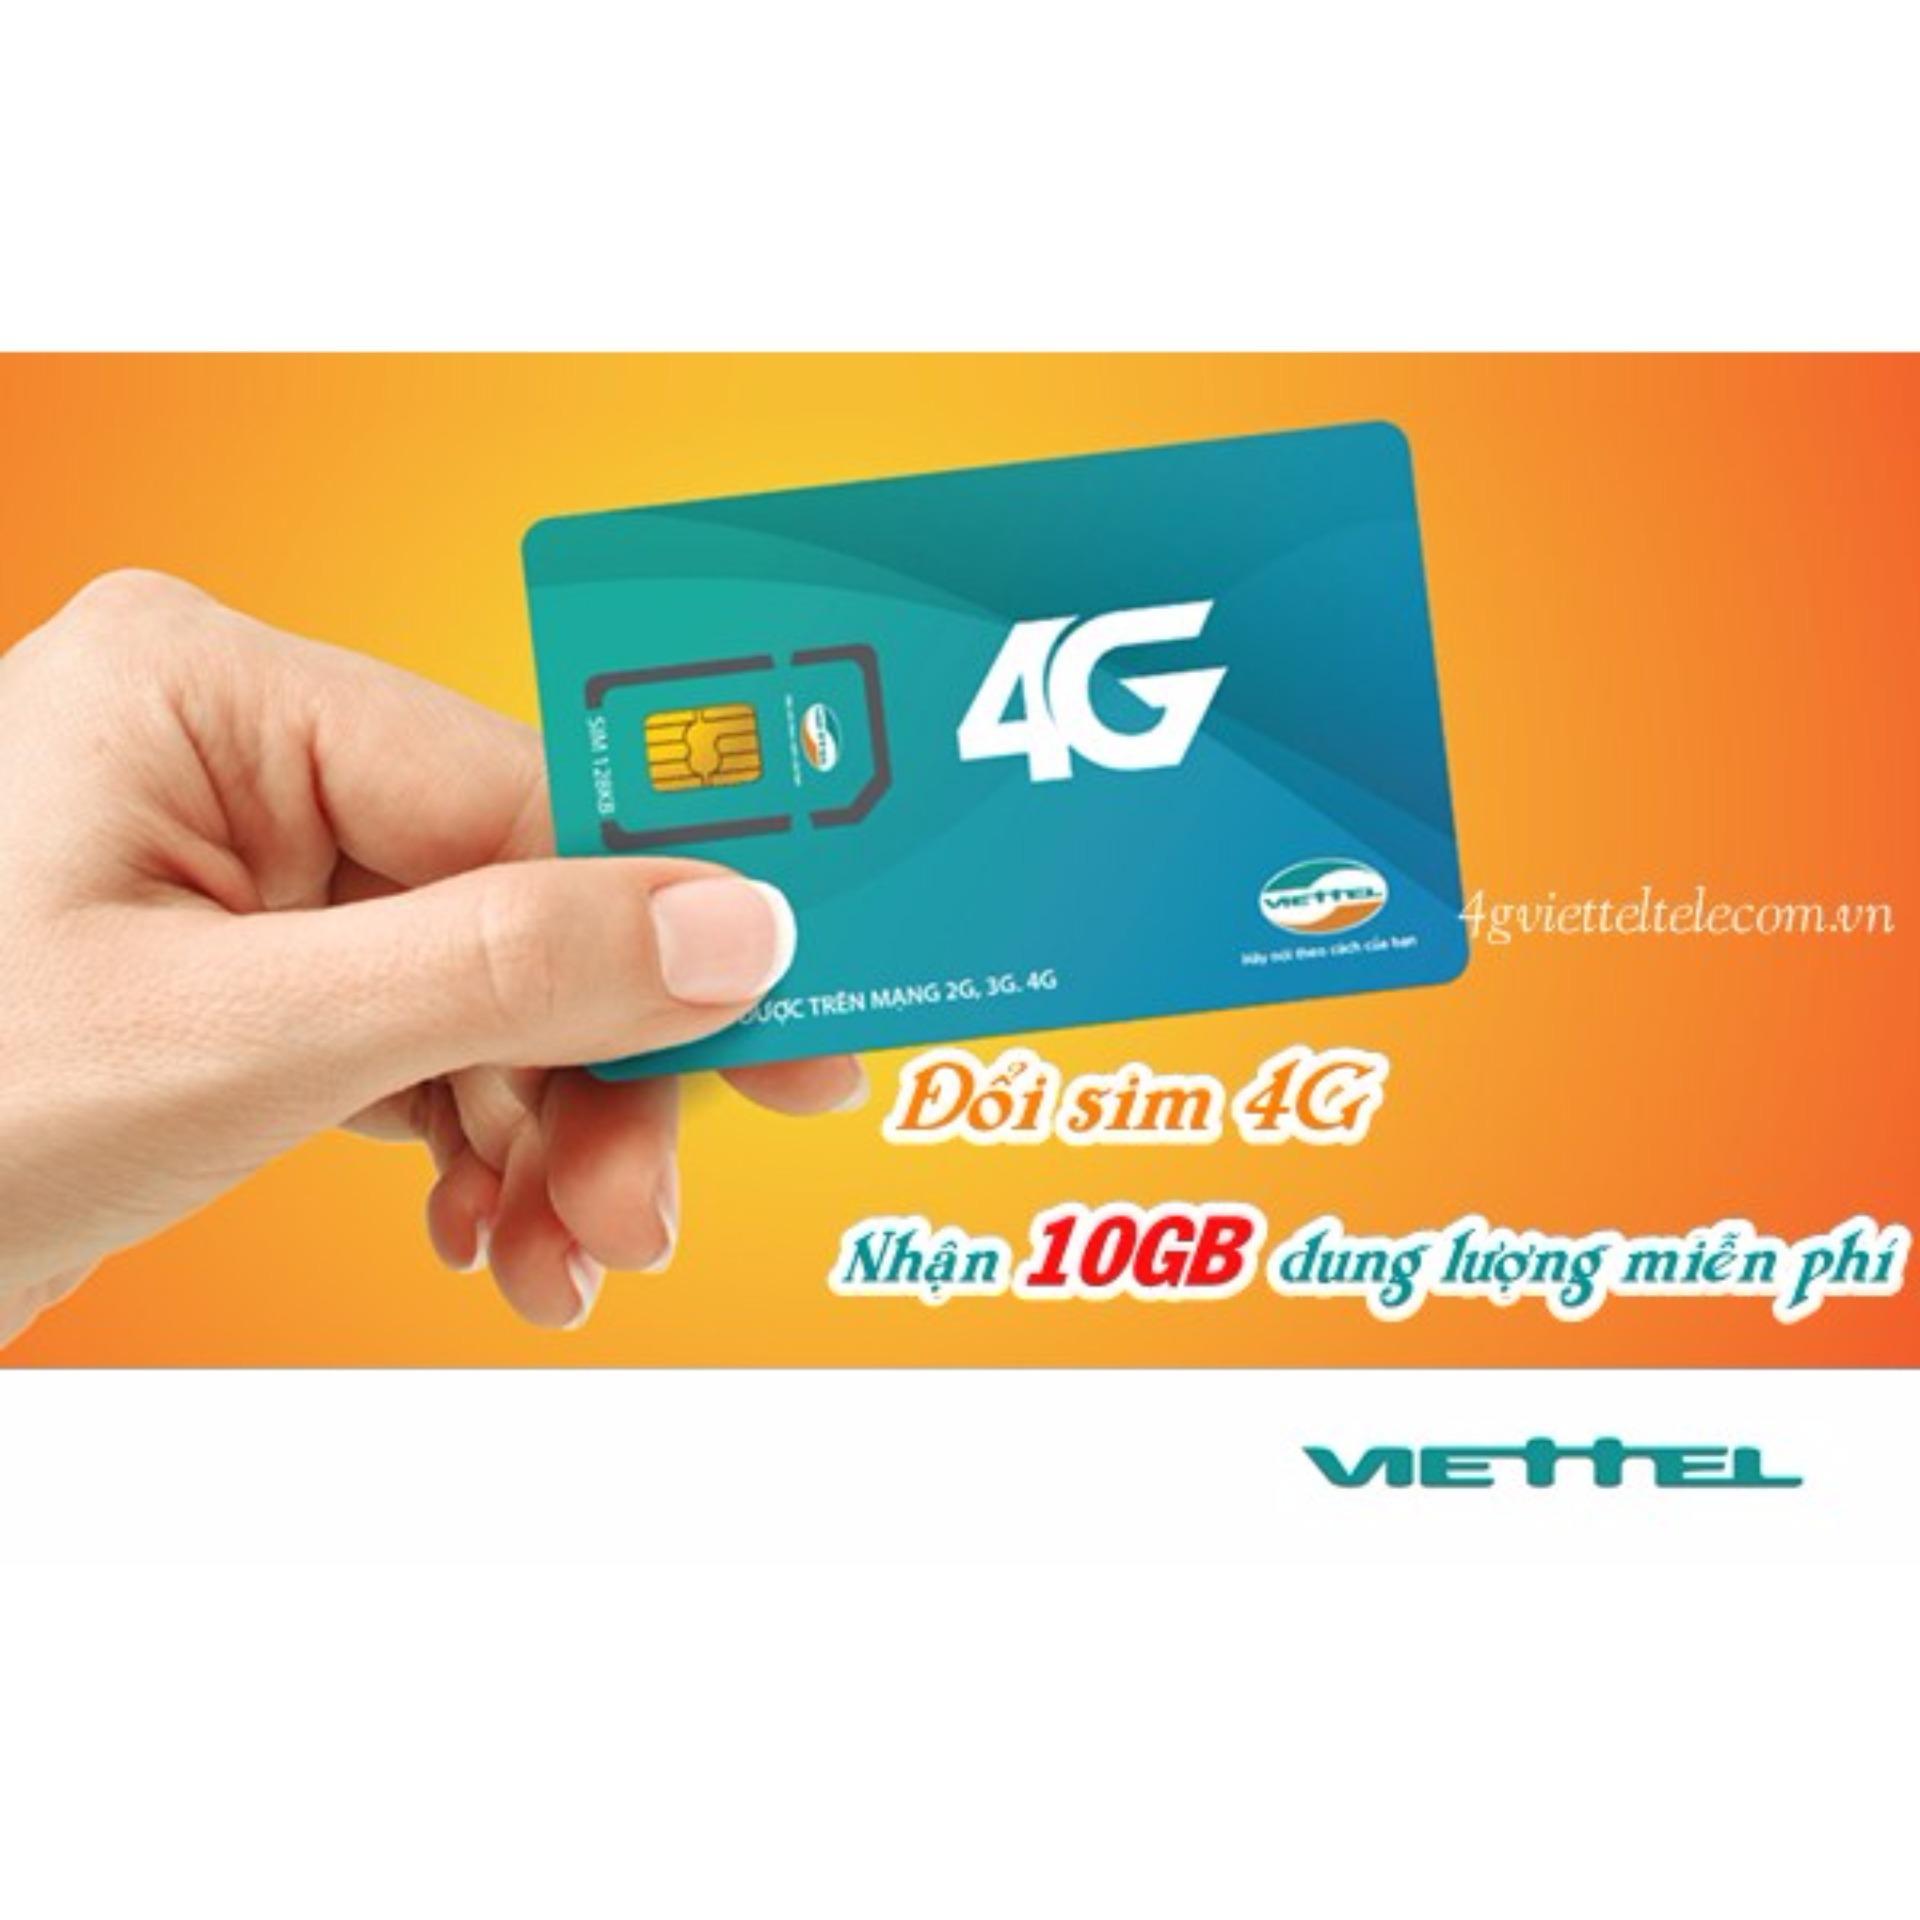 Sim trắng 4G Viettel tự đổi cộng 10k vào tài khoản và 10Gb data